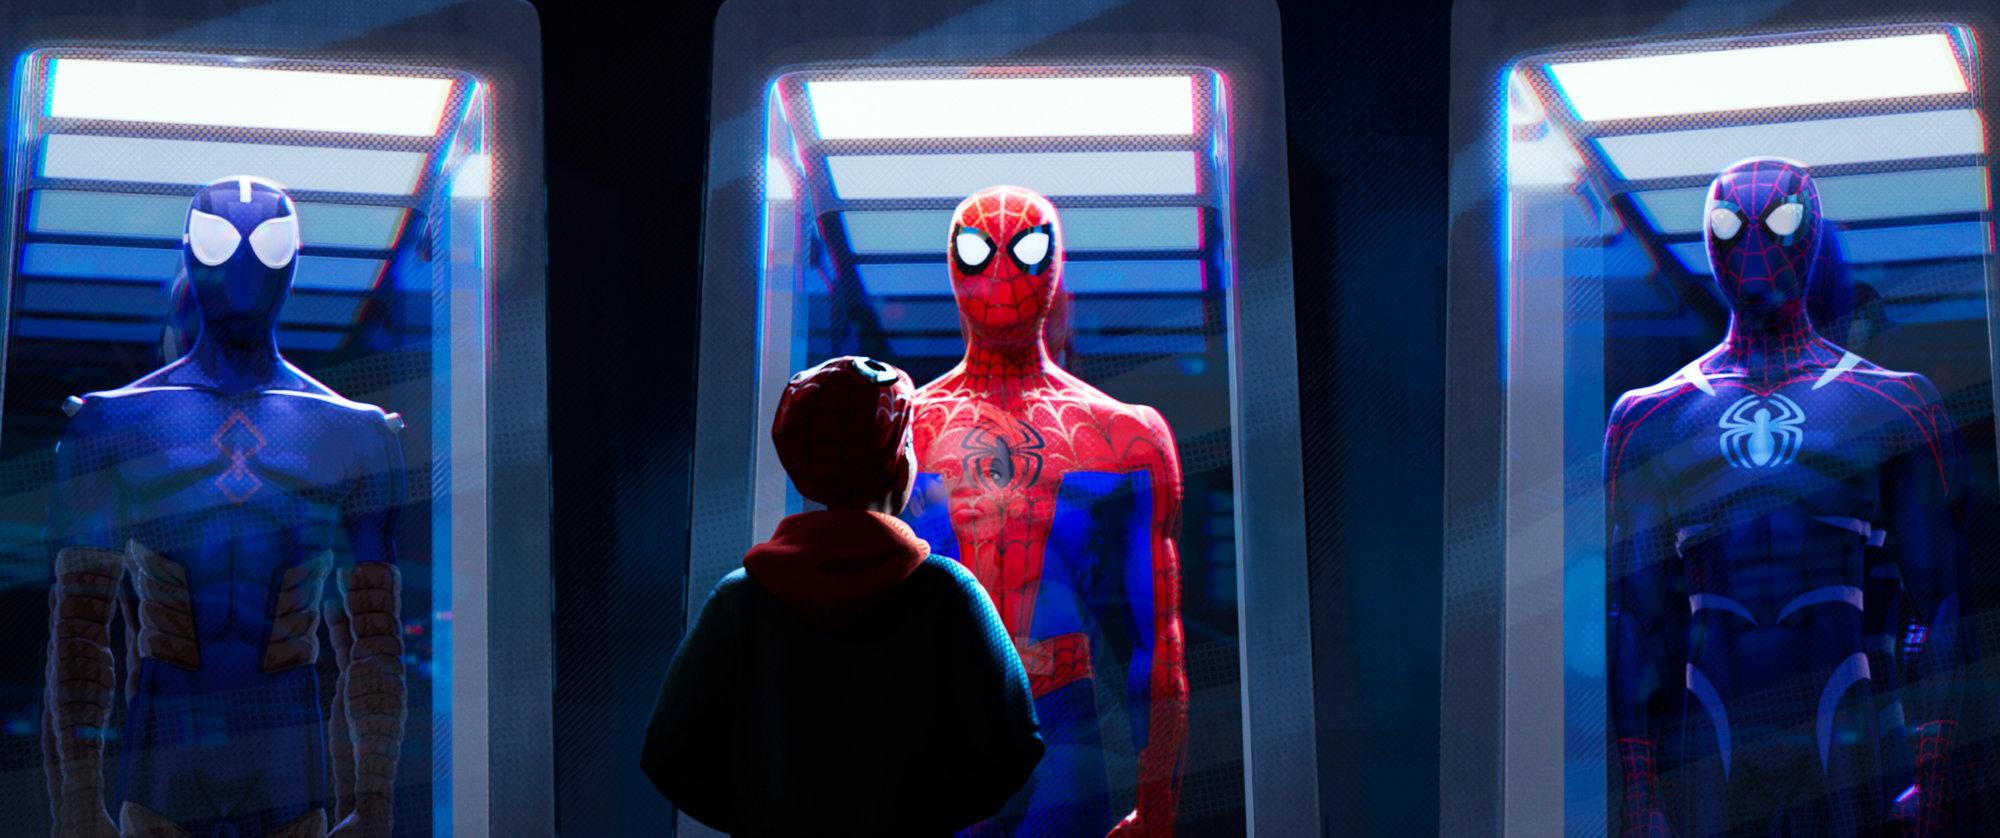 9e10f2aa64 Ez a Pókember-film majdnem mindennel szembemegy, amit eddig bárki  elkövetett a moziban. Talán a legutóbbi Pókember: Hazatéréssel lehet  bizonyos értelemben ...